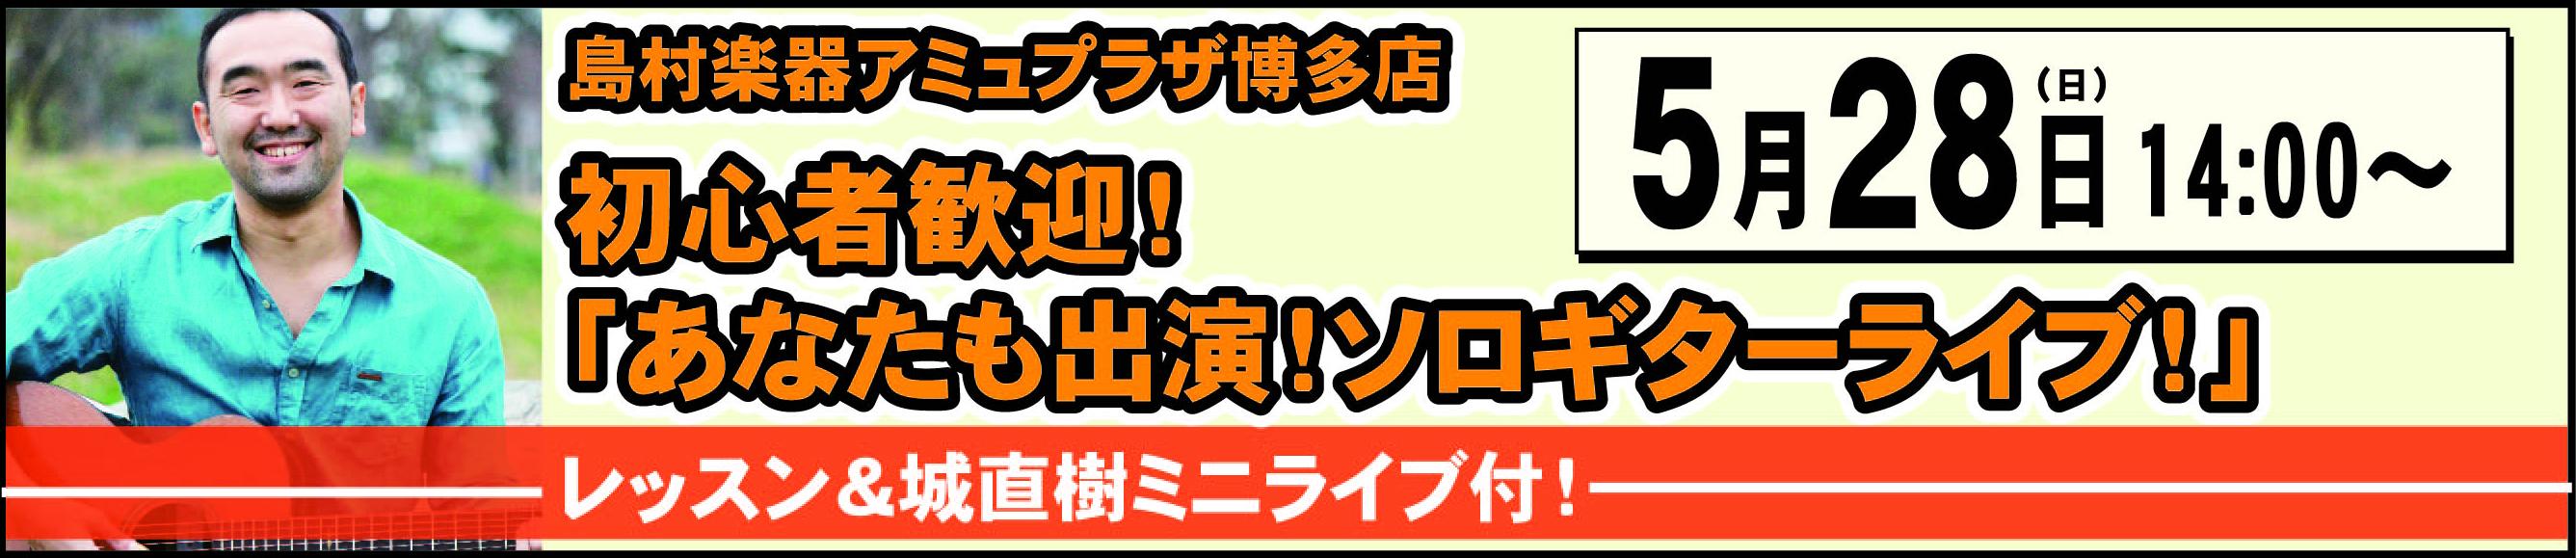 5月28日(日)博多島村楽器アミュプラザ博多店